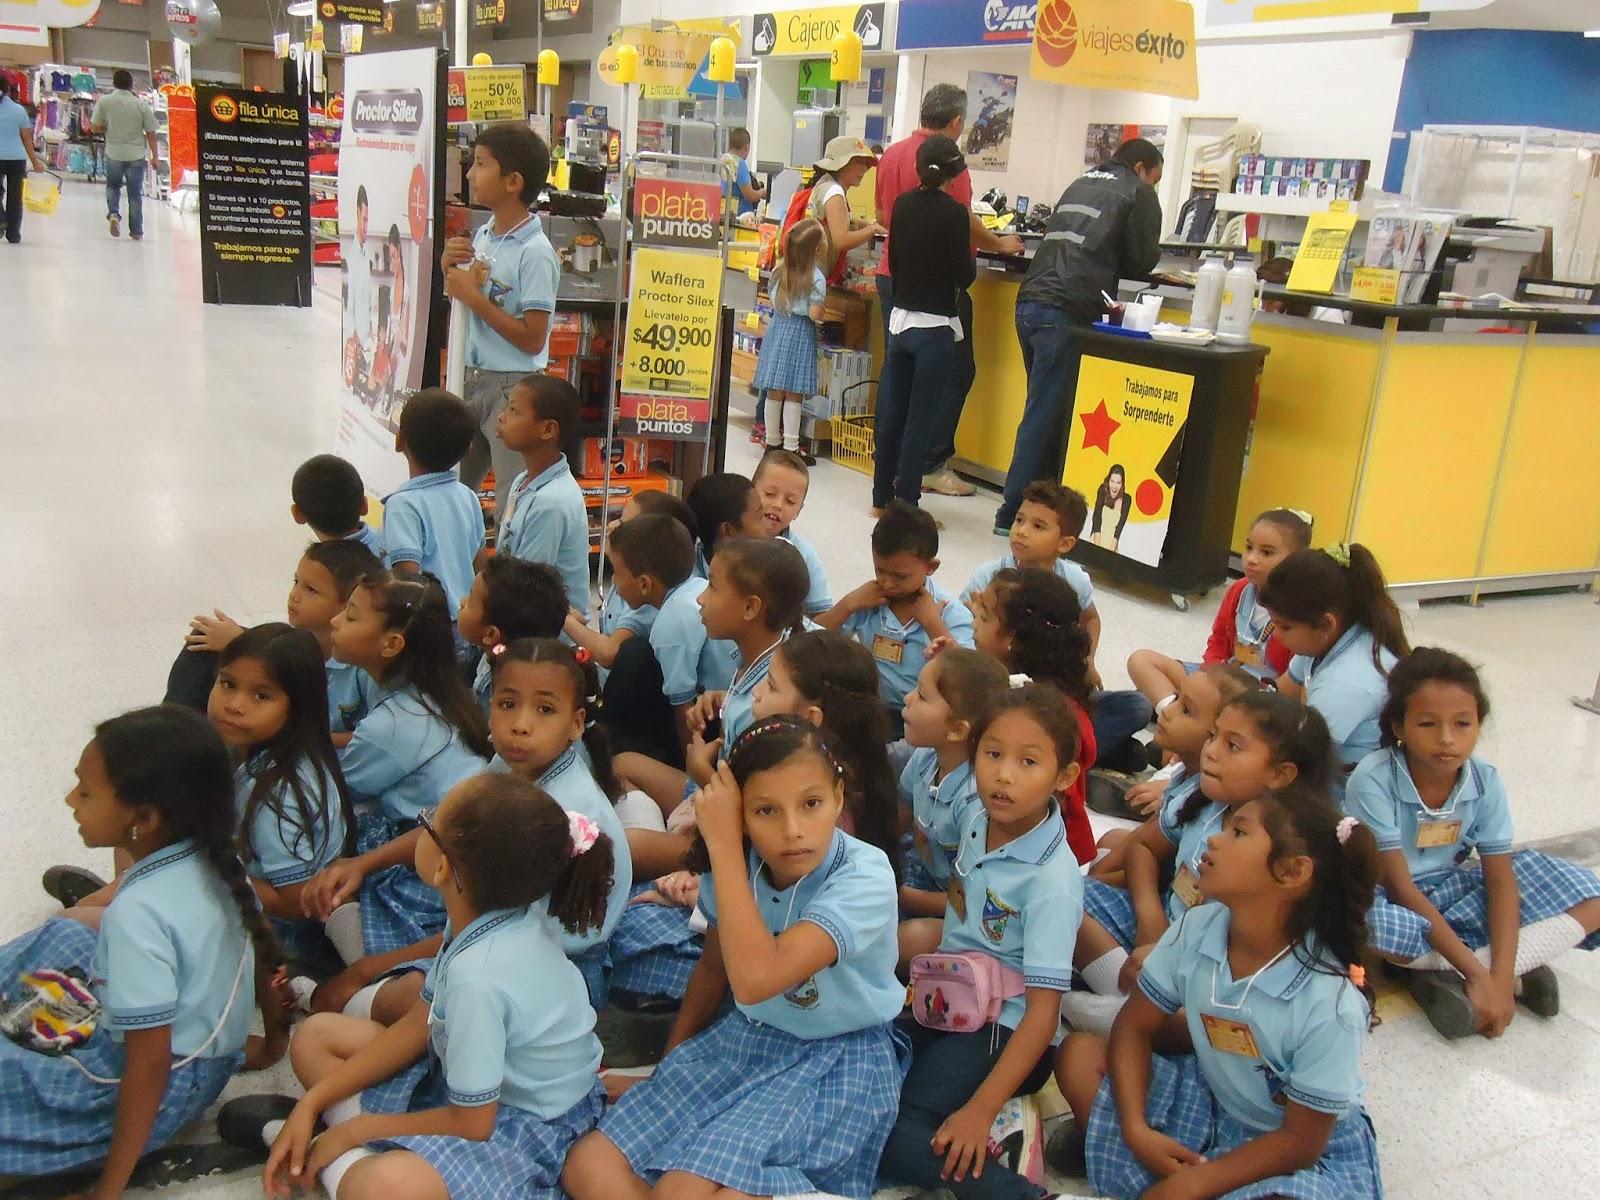 Centro educativo bremen una experiencia maravillosa - Almacen exito barranquilla ...